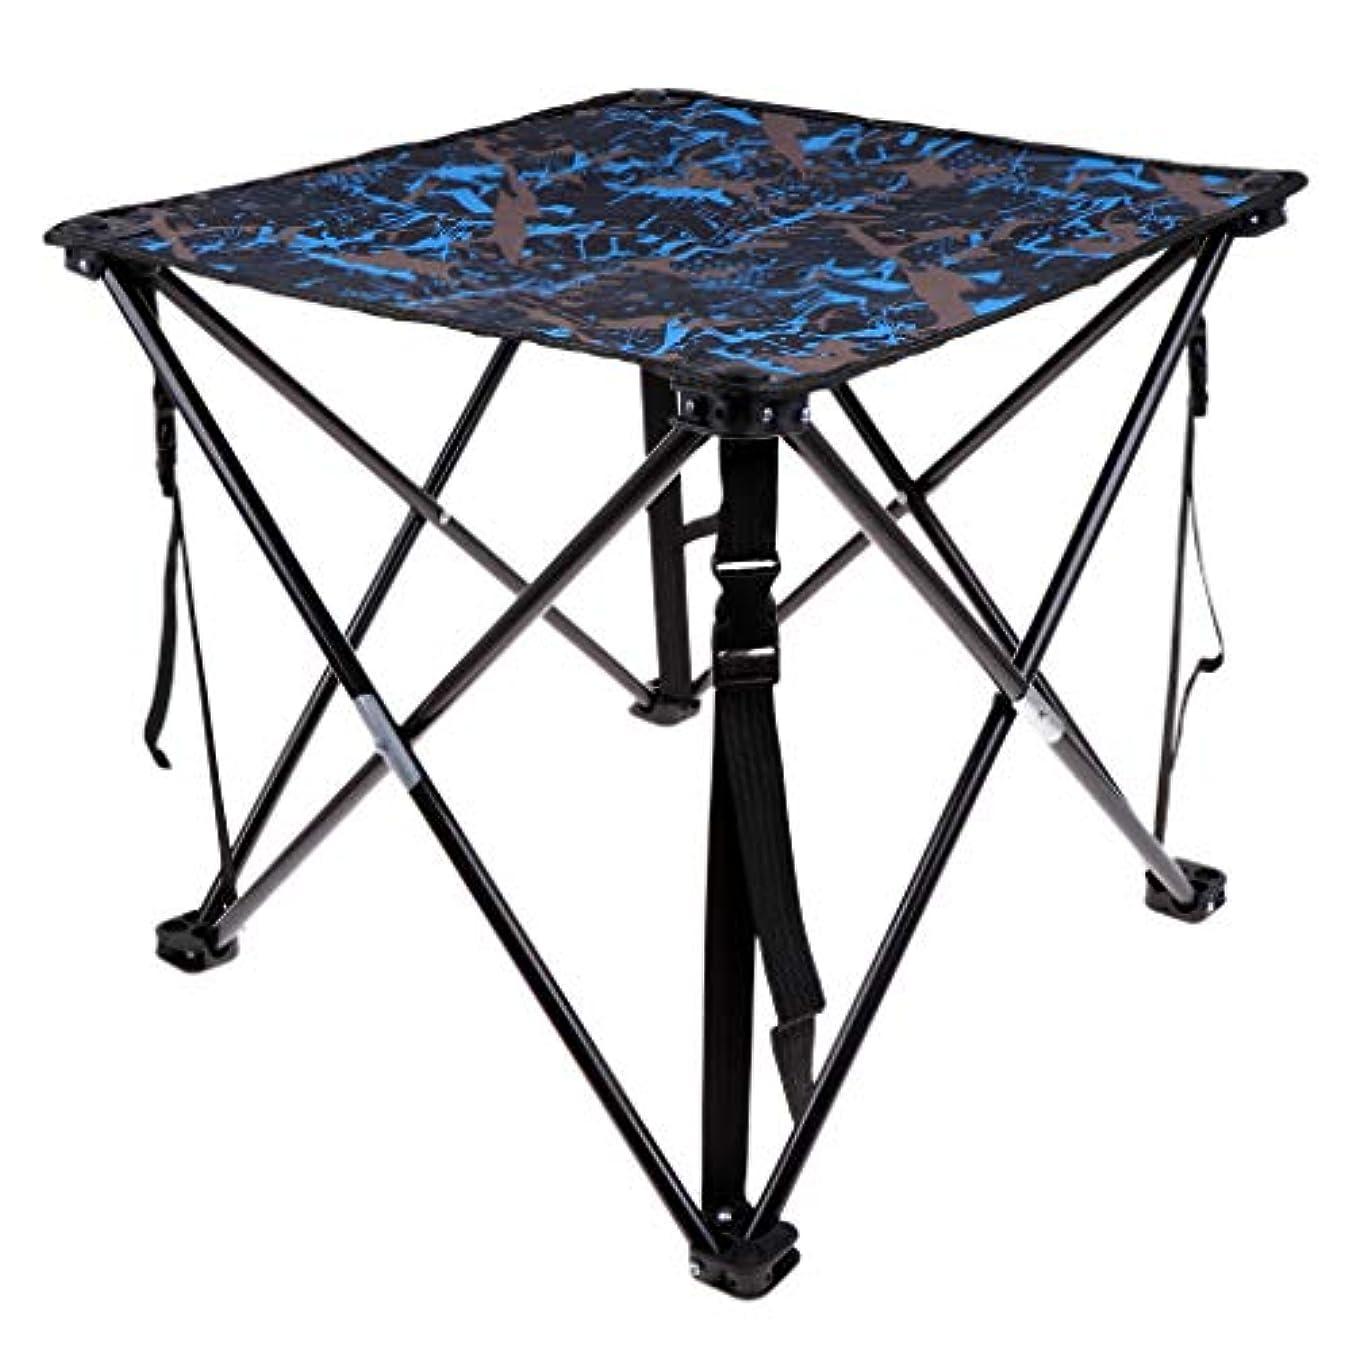 受付払い戻しバランスのとれたSharplace テーブル アウトドア おりたたみ バーベキュー ポータブル オックスフォード布 防水 全4選択